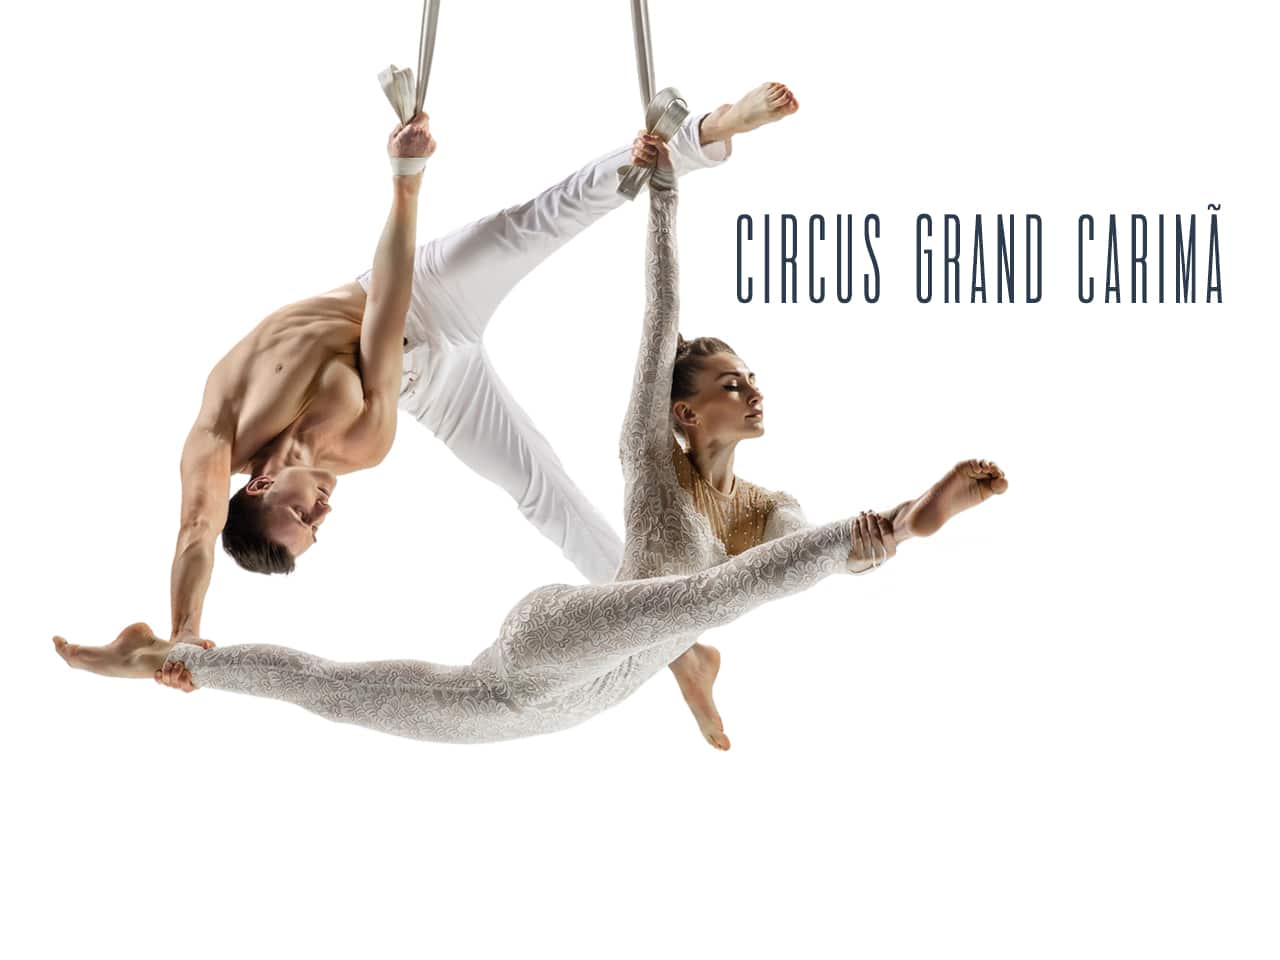 Dia das crianças - Circus Grand Carimã